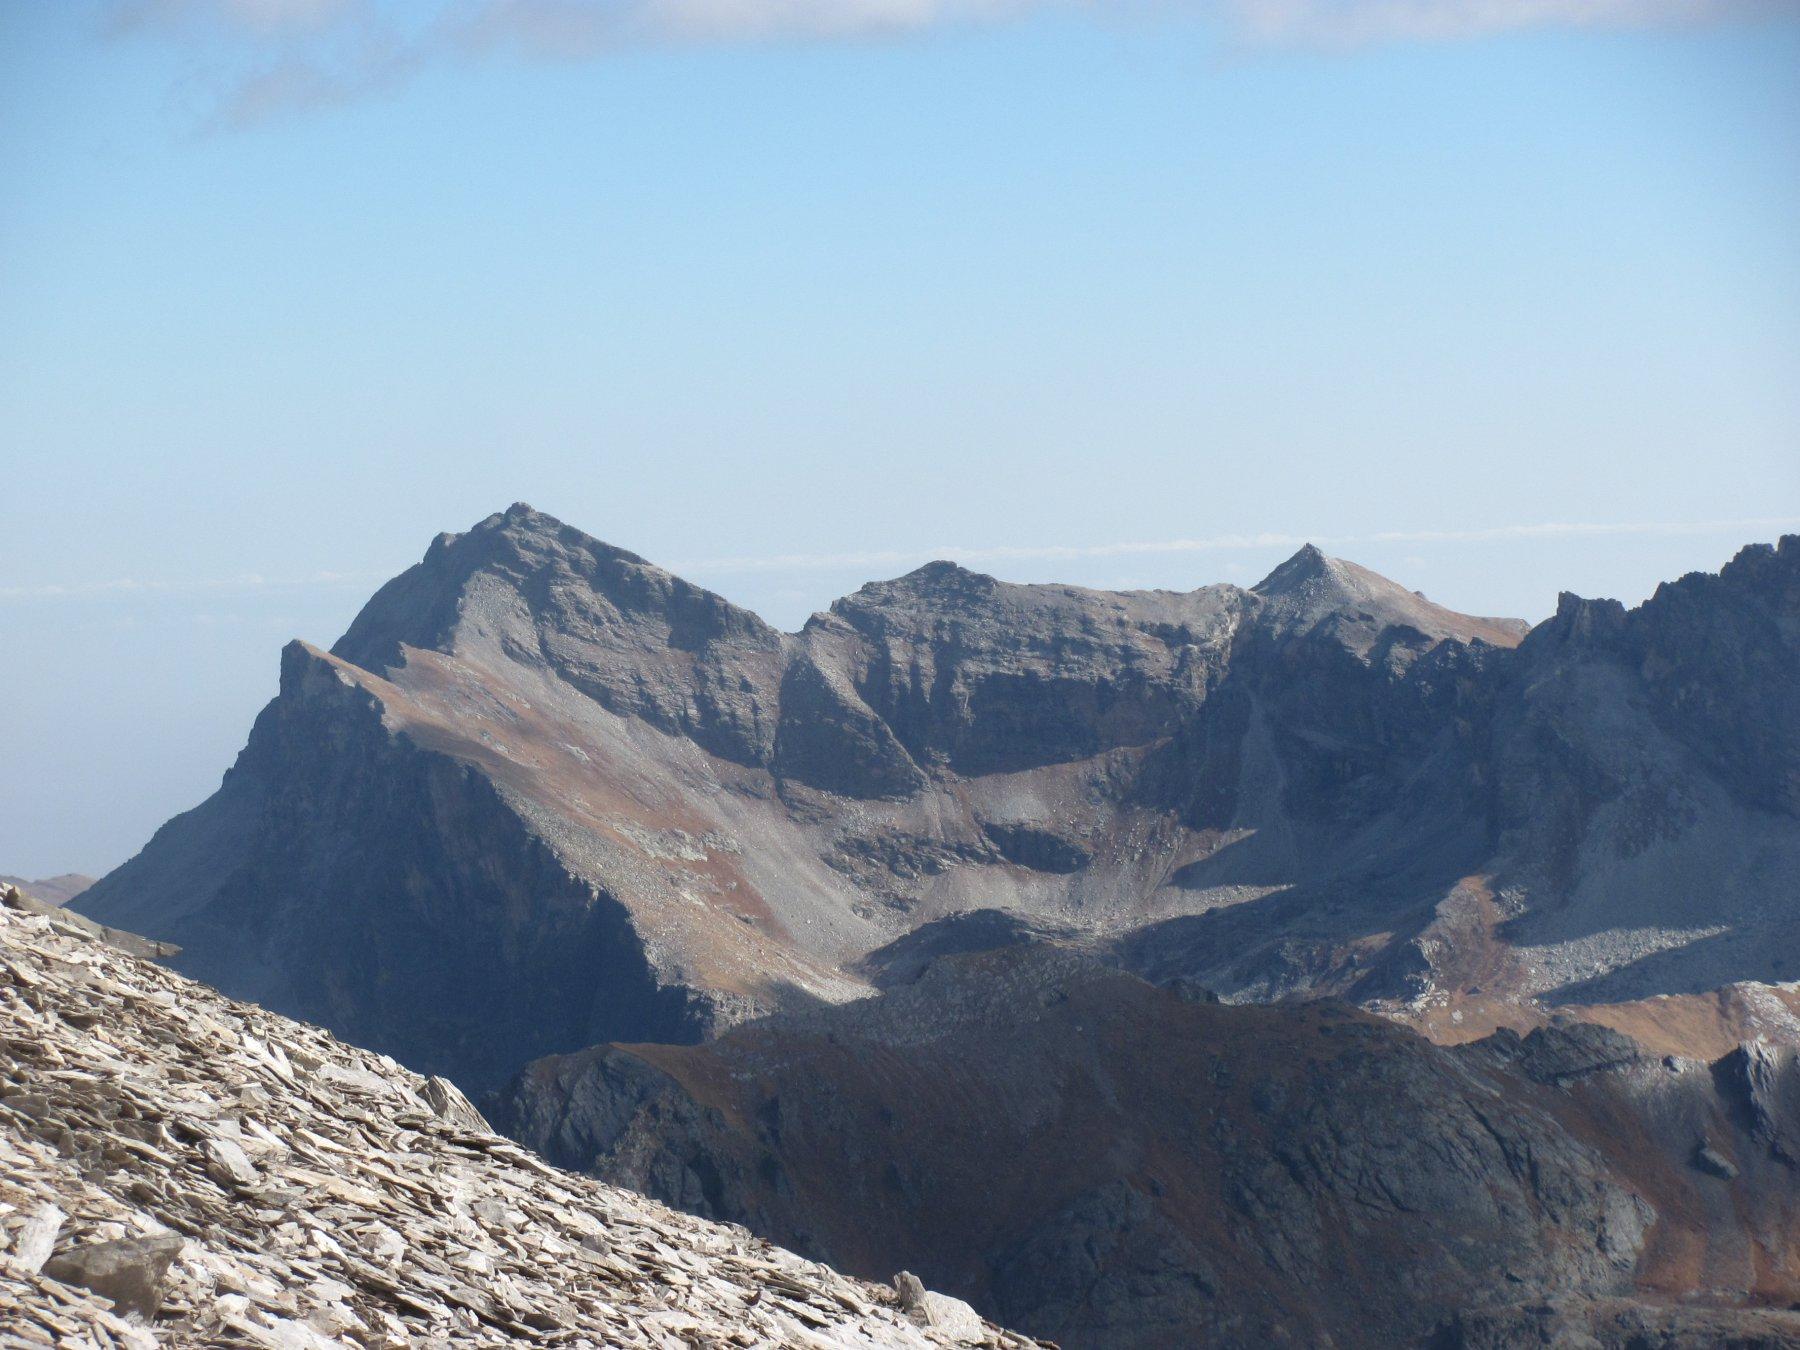 vista dalla cima sul Pelvo d'Elva, con colle Camoscere e canale ovest